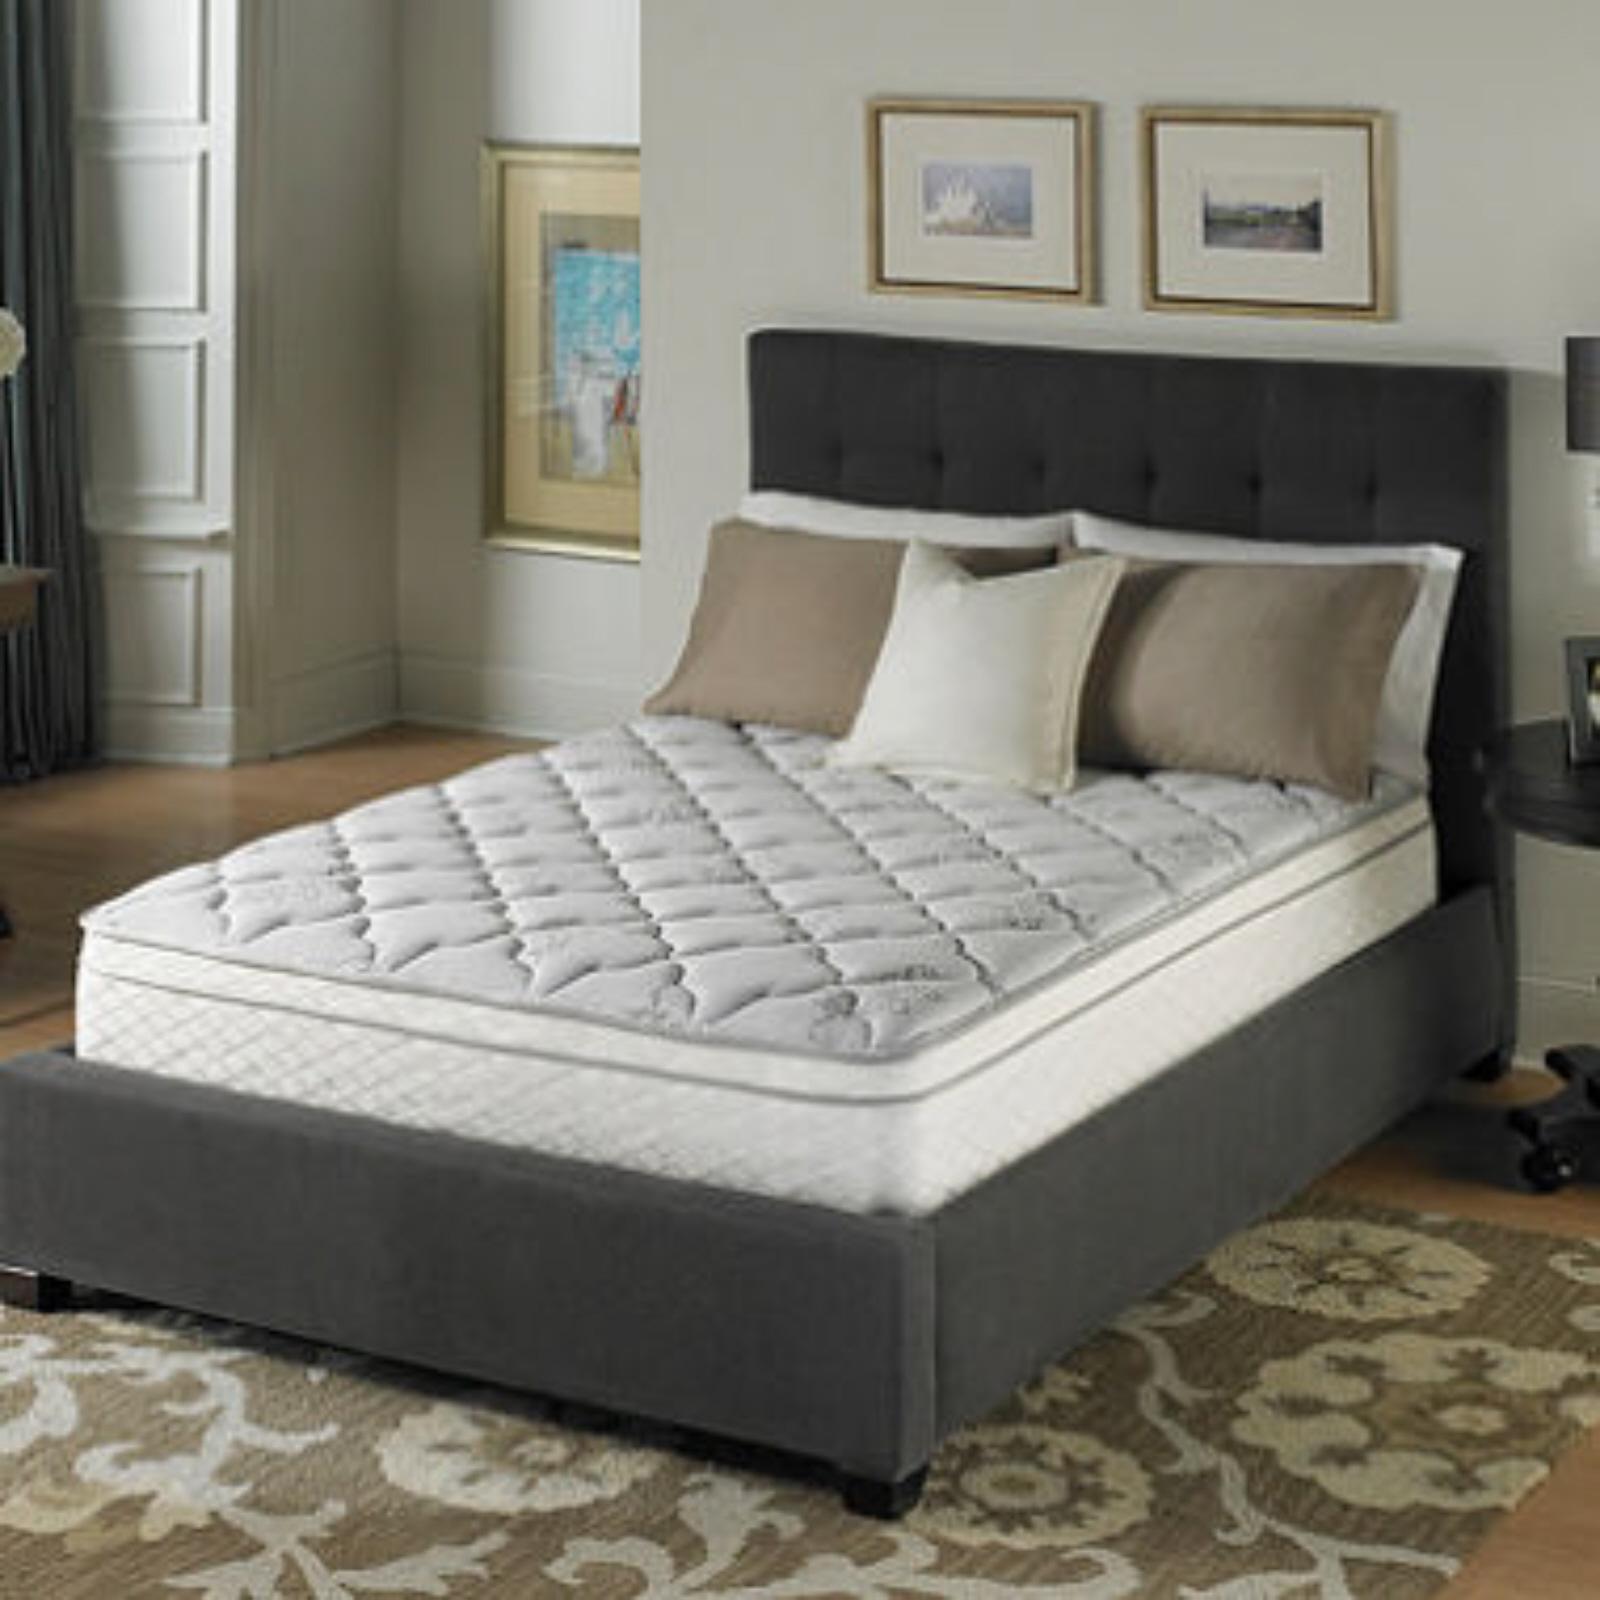 Serta Perfect Sleeper Dunbrook Plush Eurotop Mattress